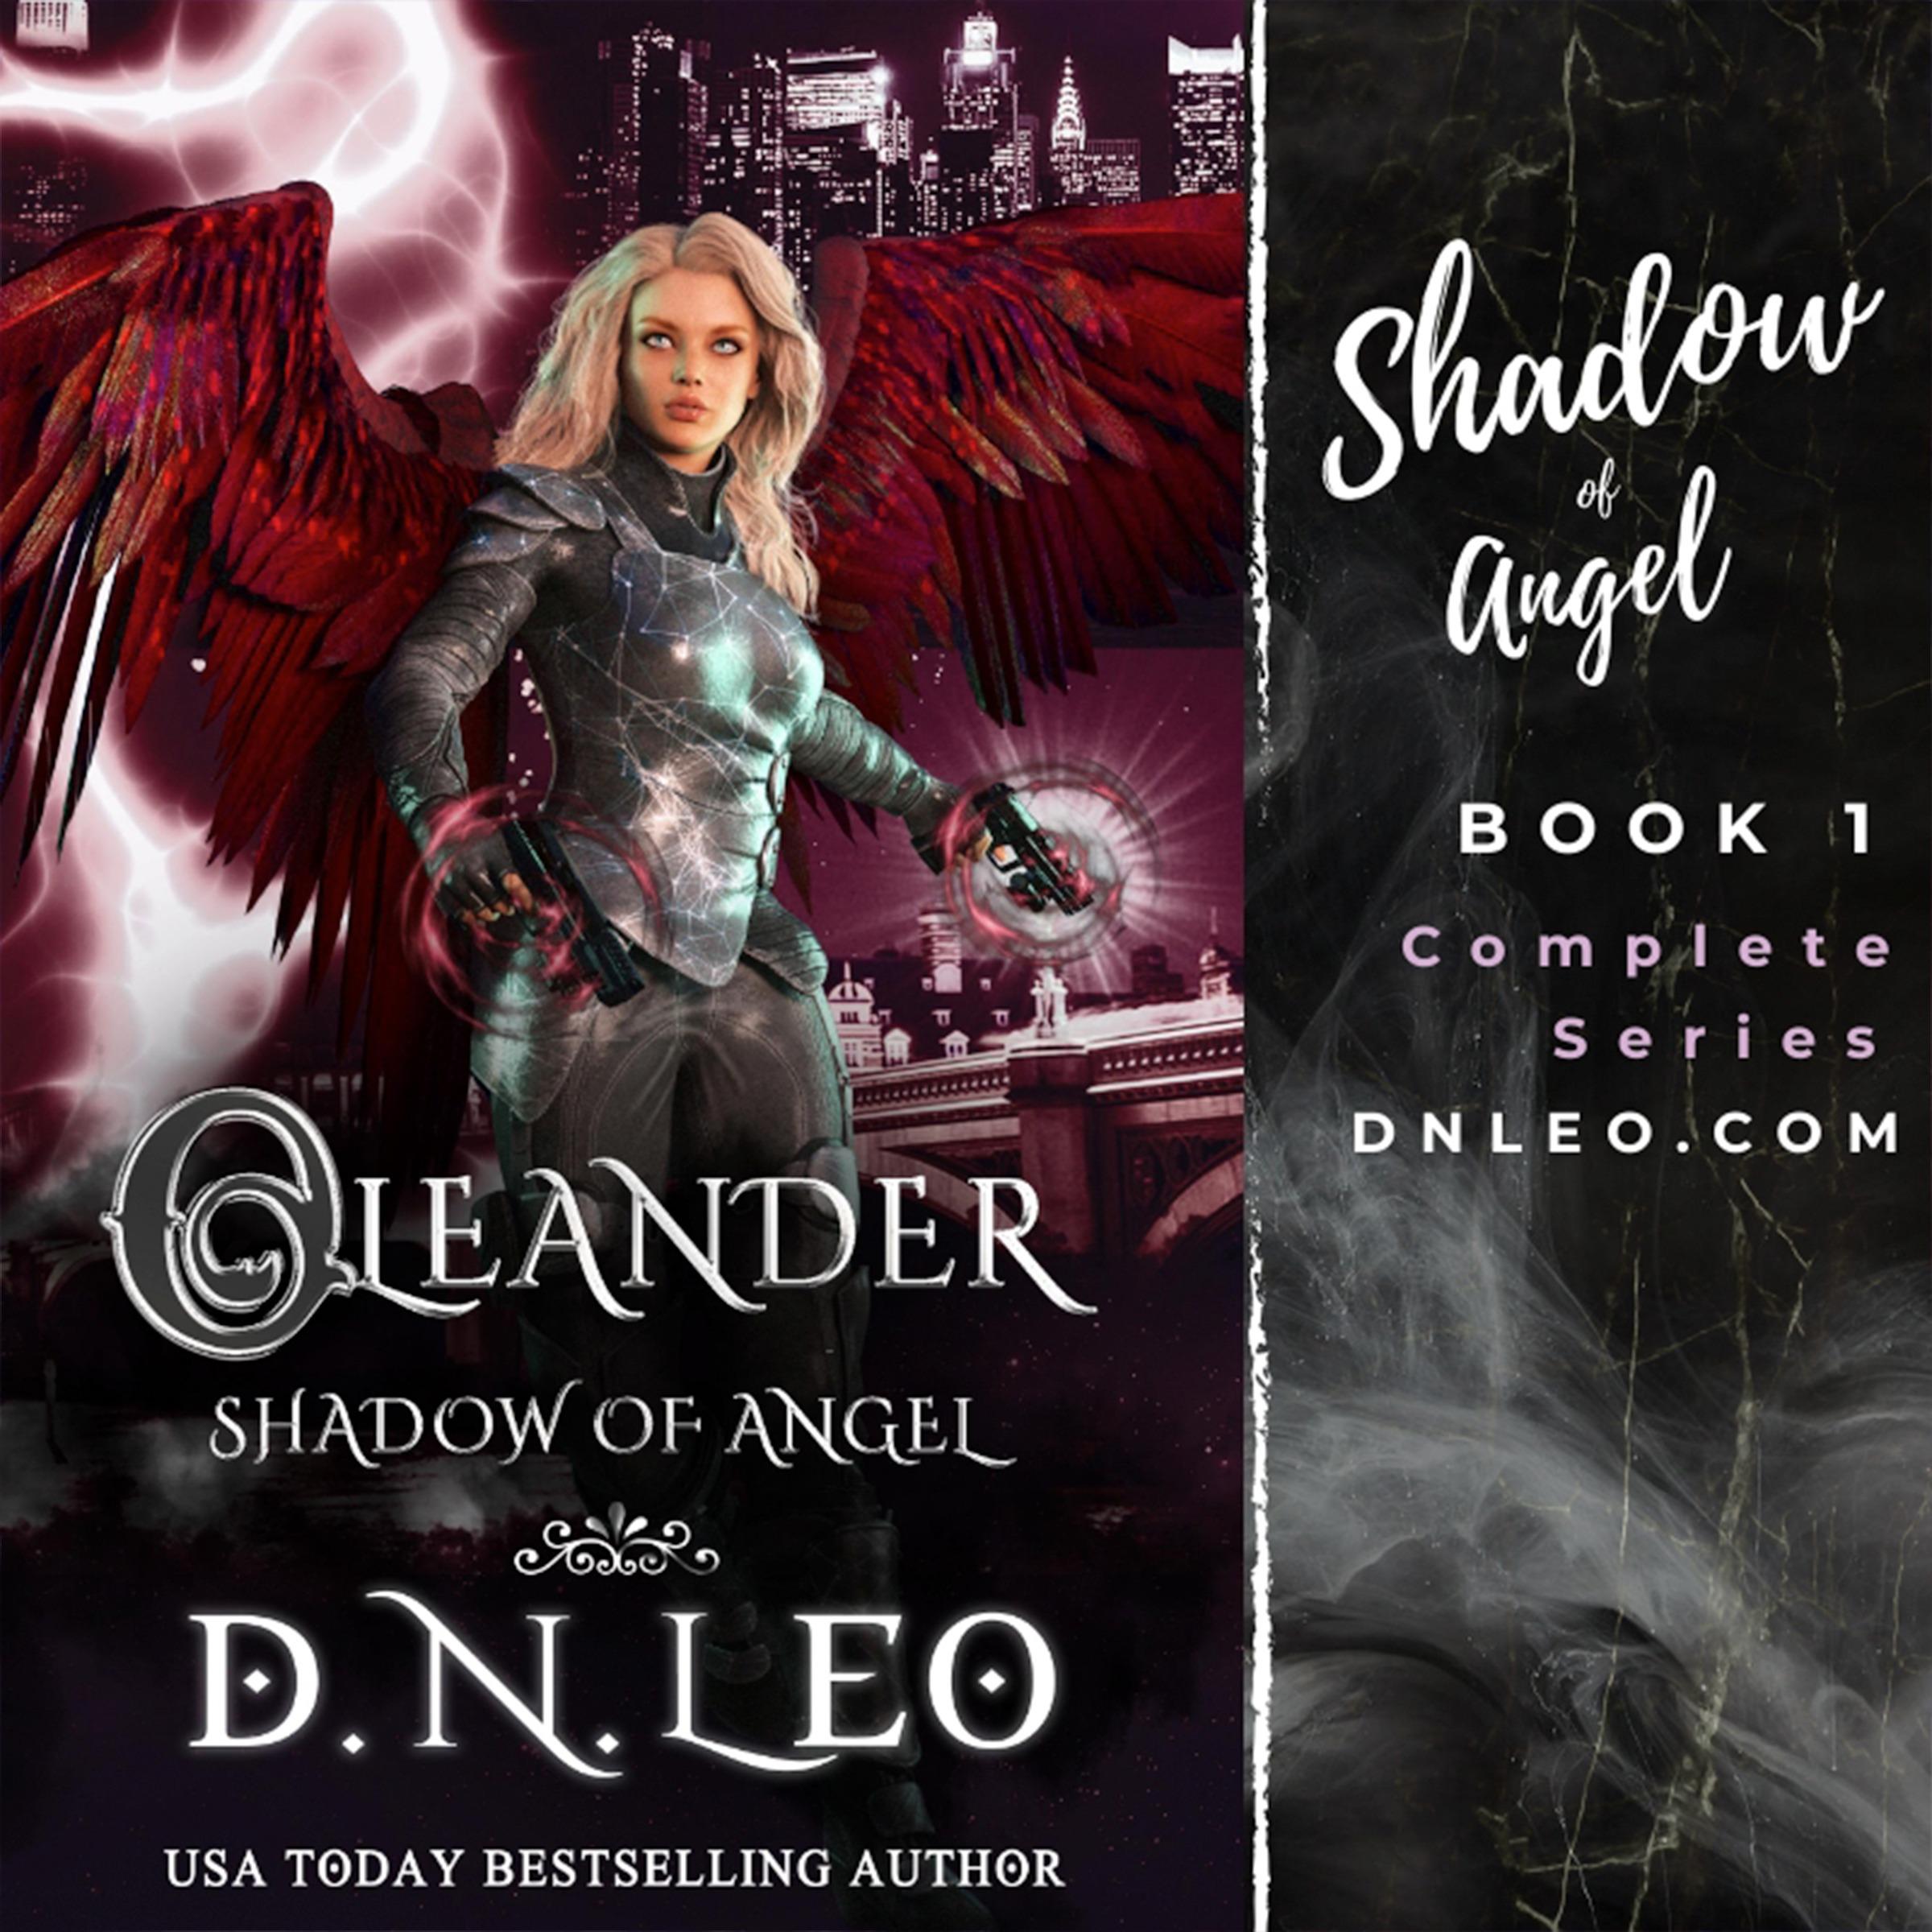 SOA1 - Oleander - Shadow of Angel Series